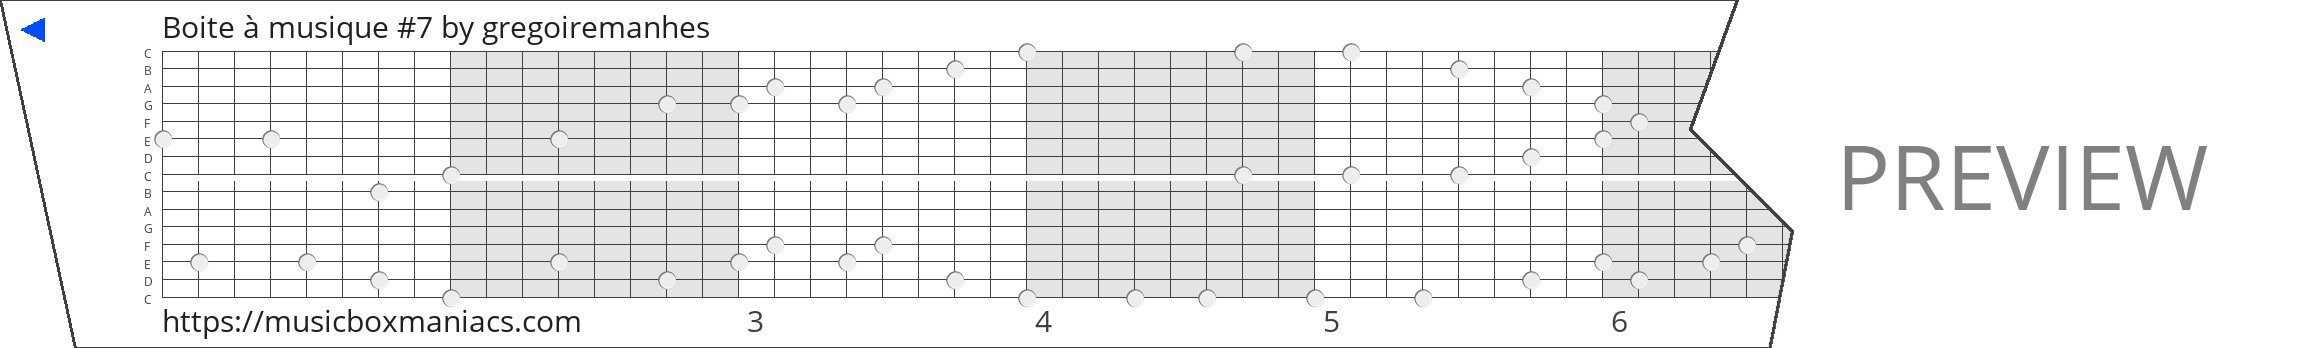 Boite à musique #7 15 note music box paper strip